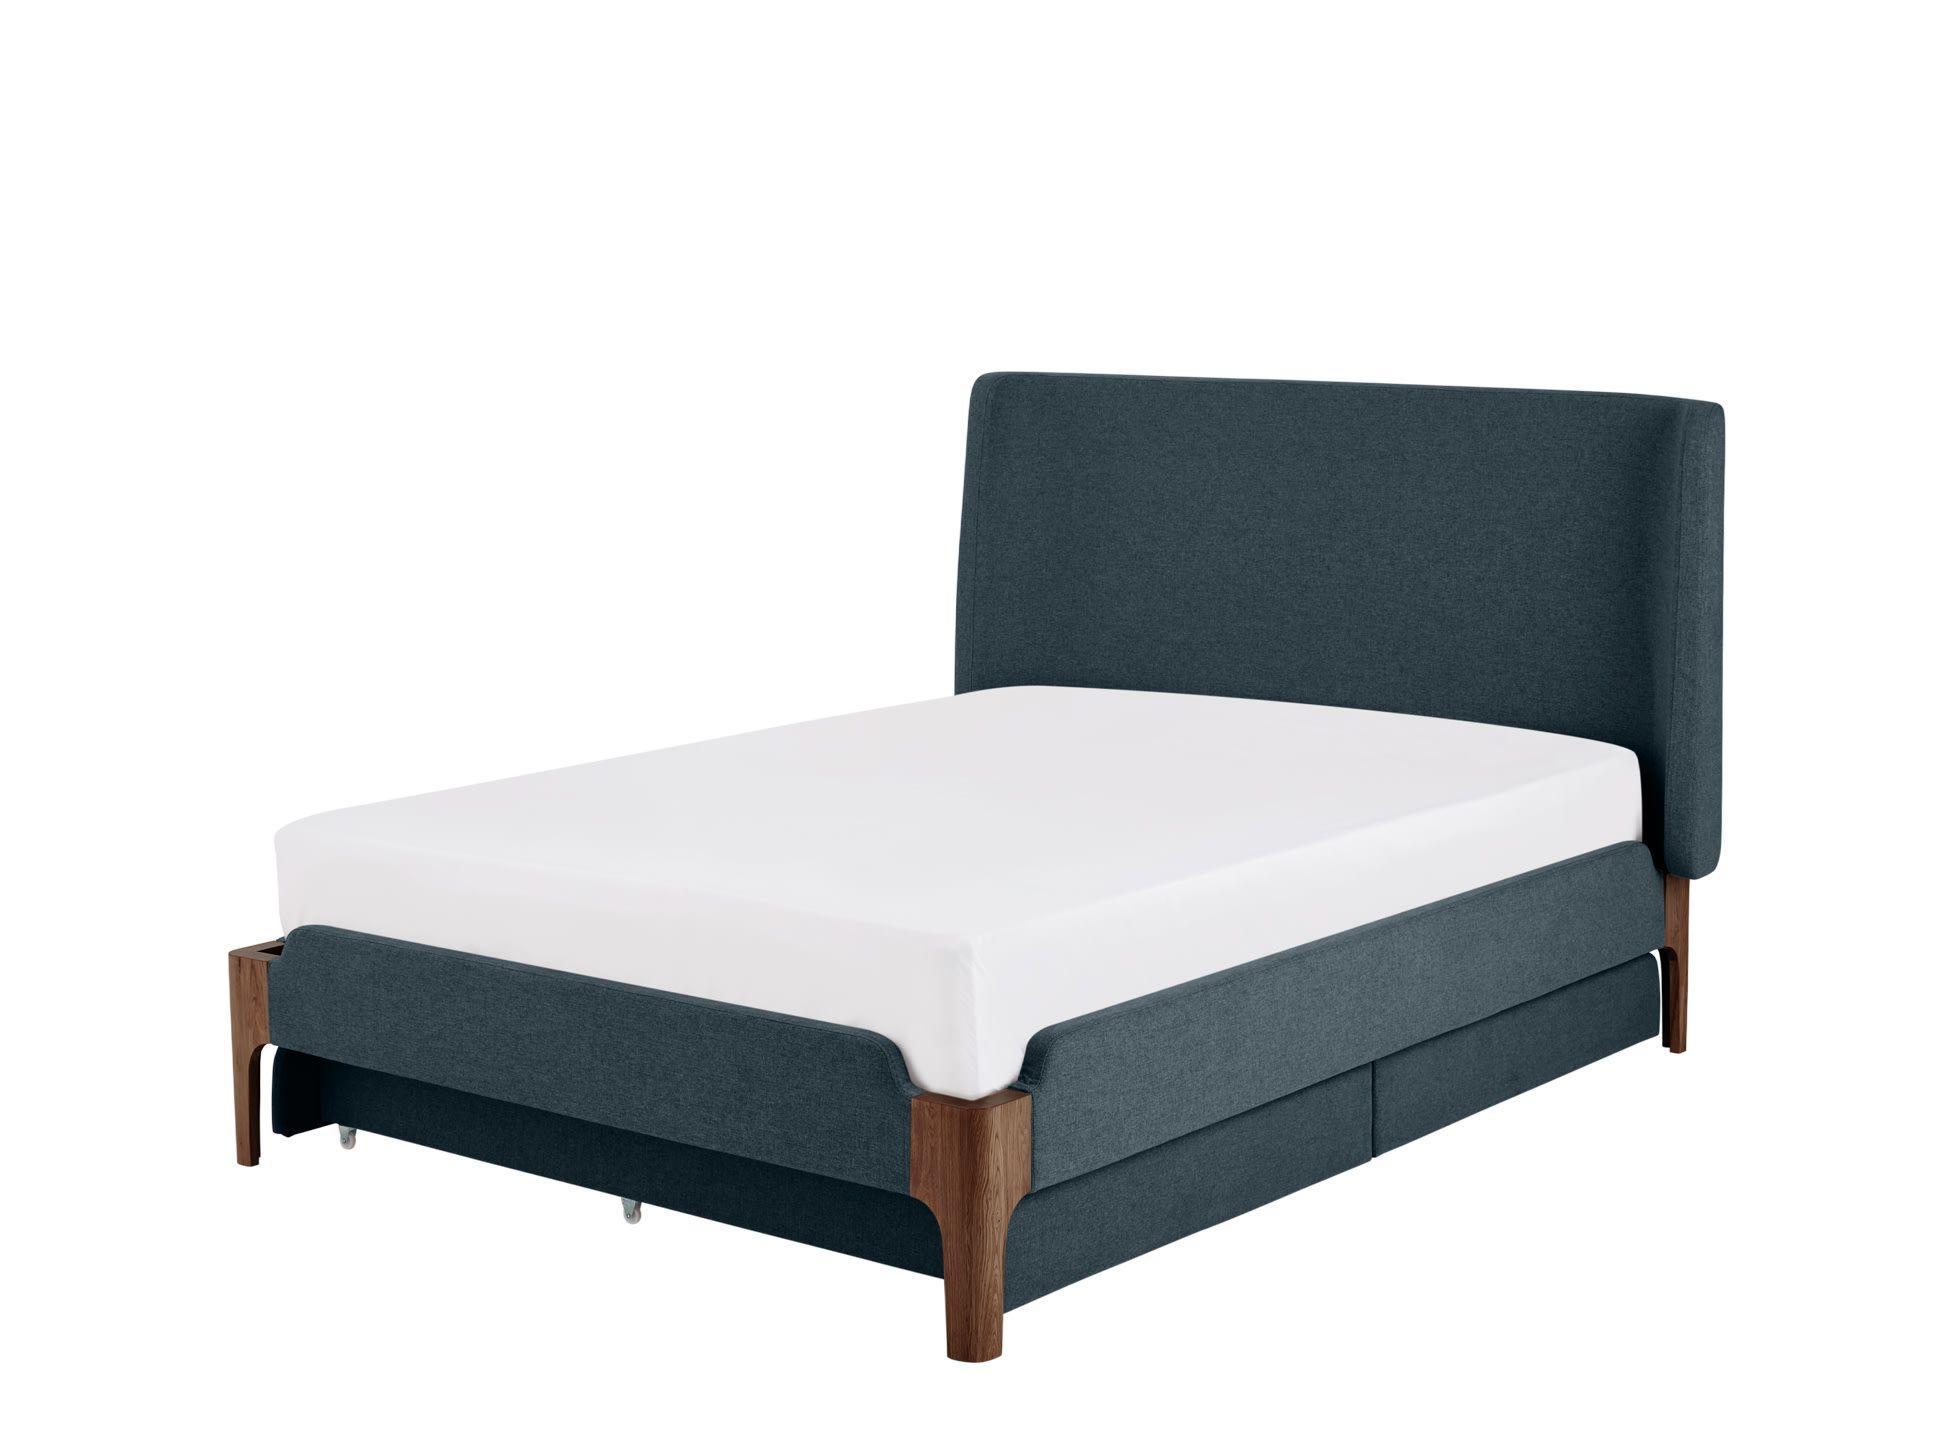 Wohndesign schlafzimmer einfach roscoe polsterbett mit stauraum  x  cm Ägäisblau  bed room